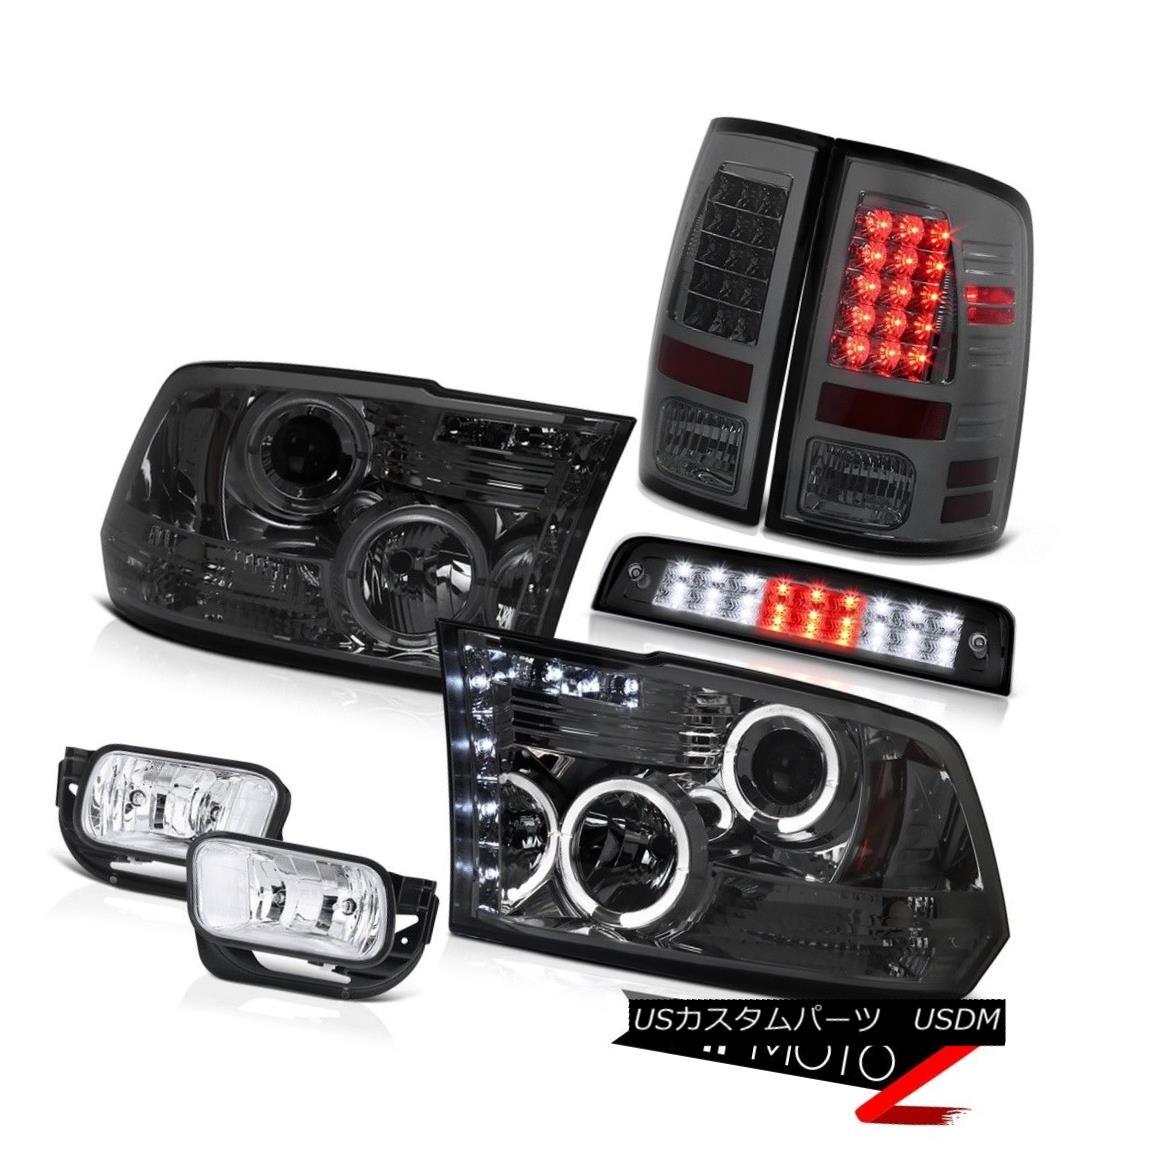 ヘッドライト 09-13 Ram 1500 6.7L Black Roof Cab Lamp Fog Lamps Smoked Tail Lights Headlights 09-13ラム1500 6.7Lブラックルーフキャブランプフォグランプスモークテールライトヘッドライト